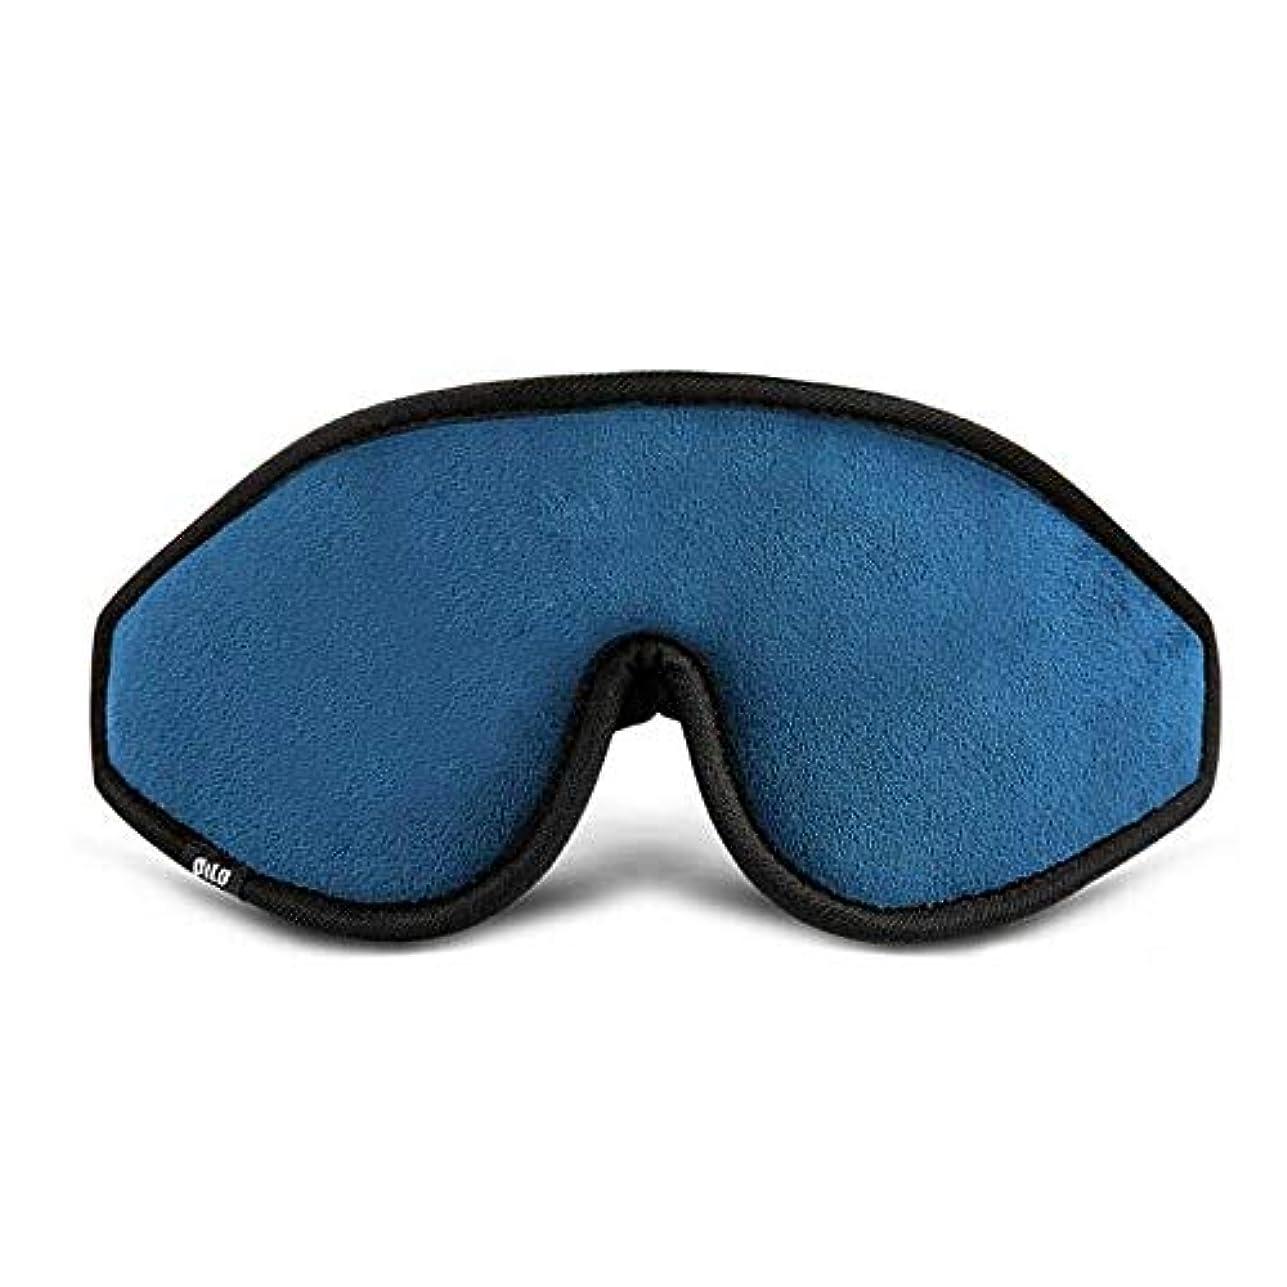 パイロットロマンスパーフェルビッドHUICHEN 3D立体ゴーグルゴーグル睡眠睡眠停電ゴーグル素敵な男性と女性のない睡眠補助ゴーグルアイゴーグル圧力 (Color : Blue)